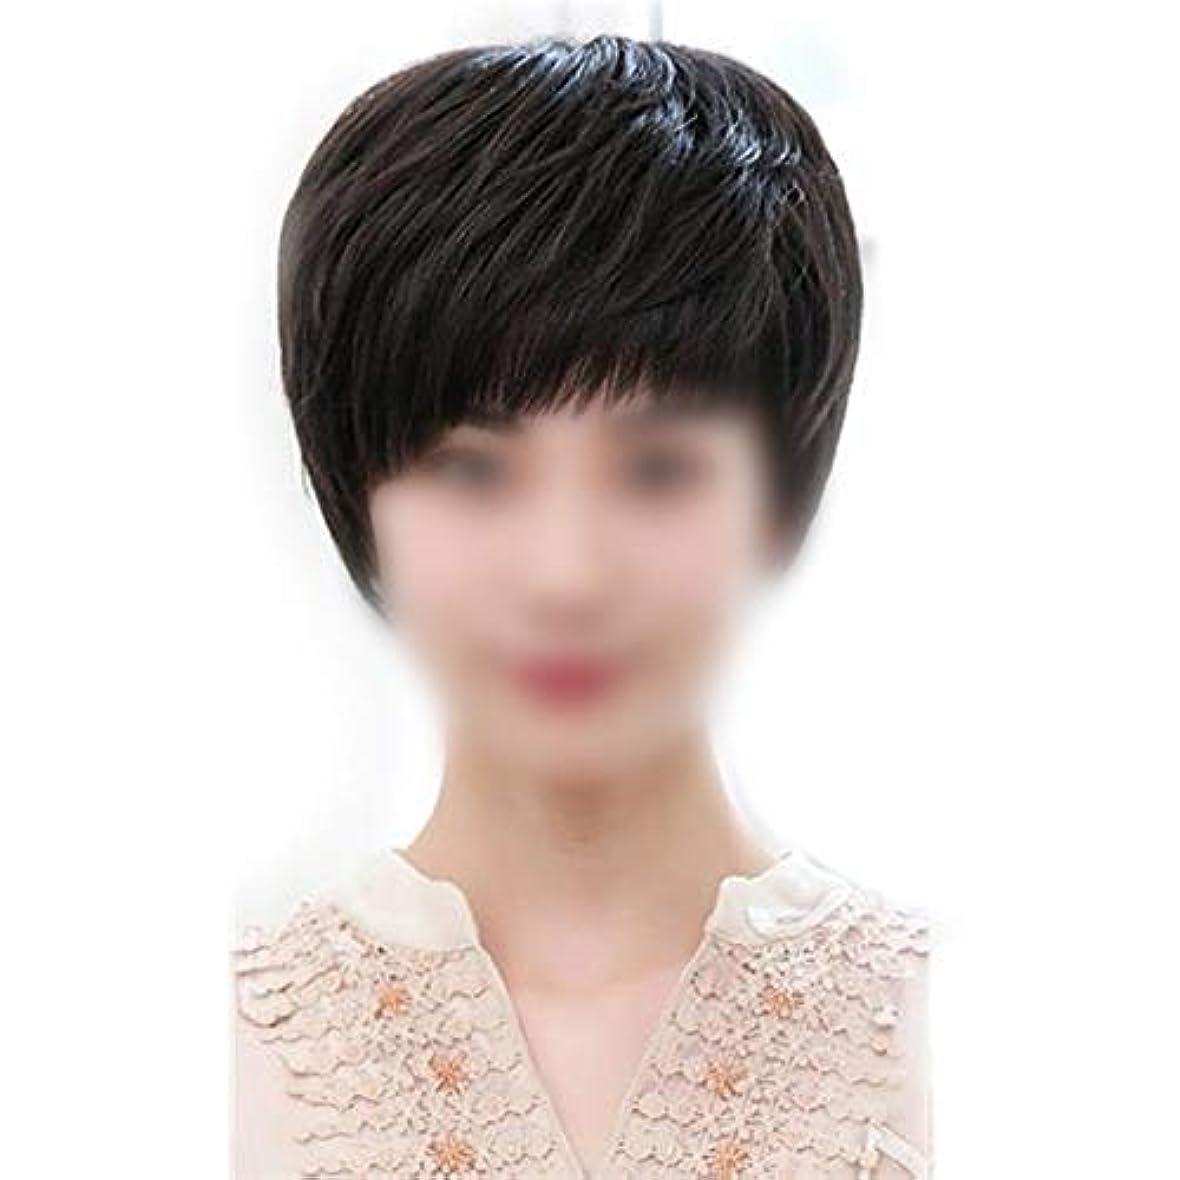 摘むスポーツマン使用法YOUQIU 中年ウィッグ女性の自然な手織りの実髪ショートカーリーヘアウィッグ (色 : Natural black)